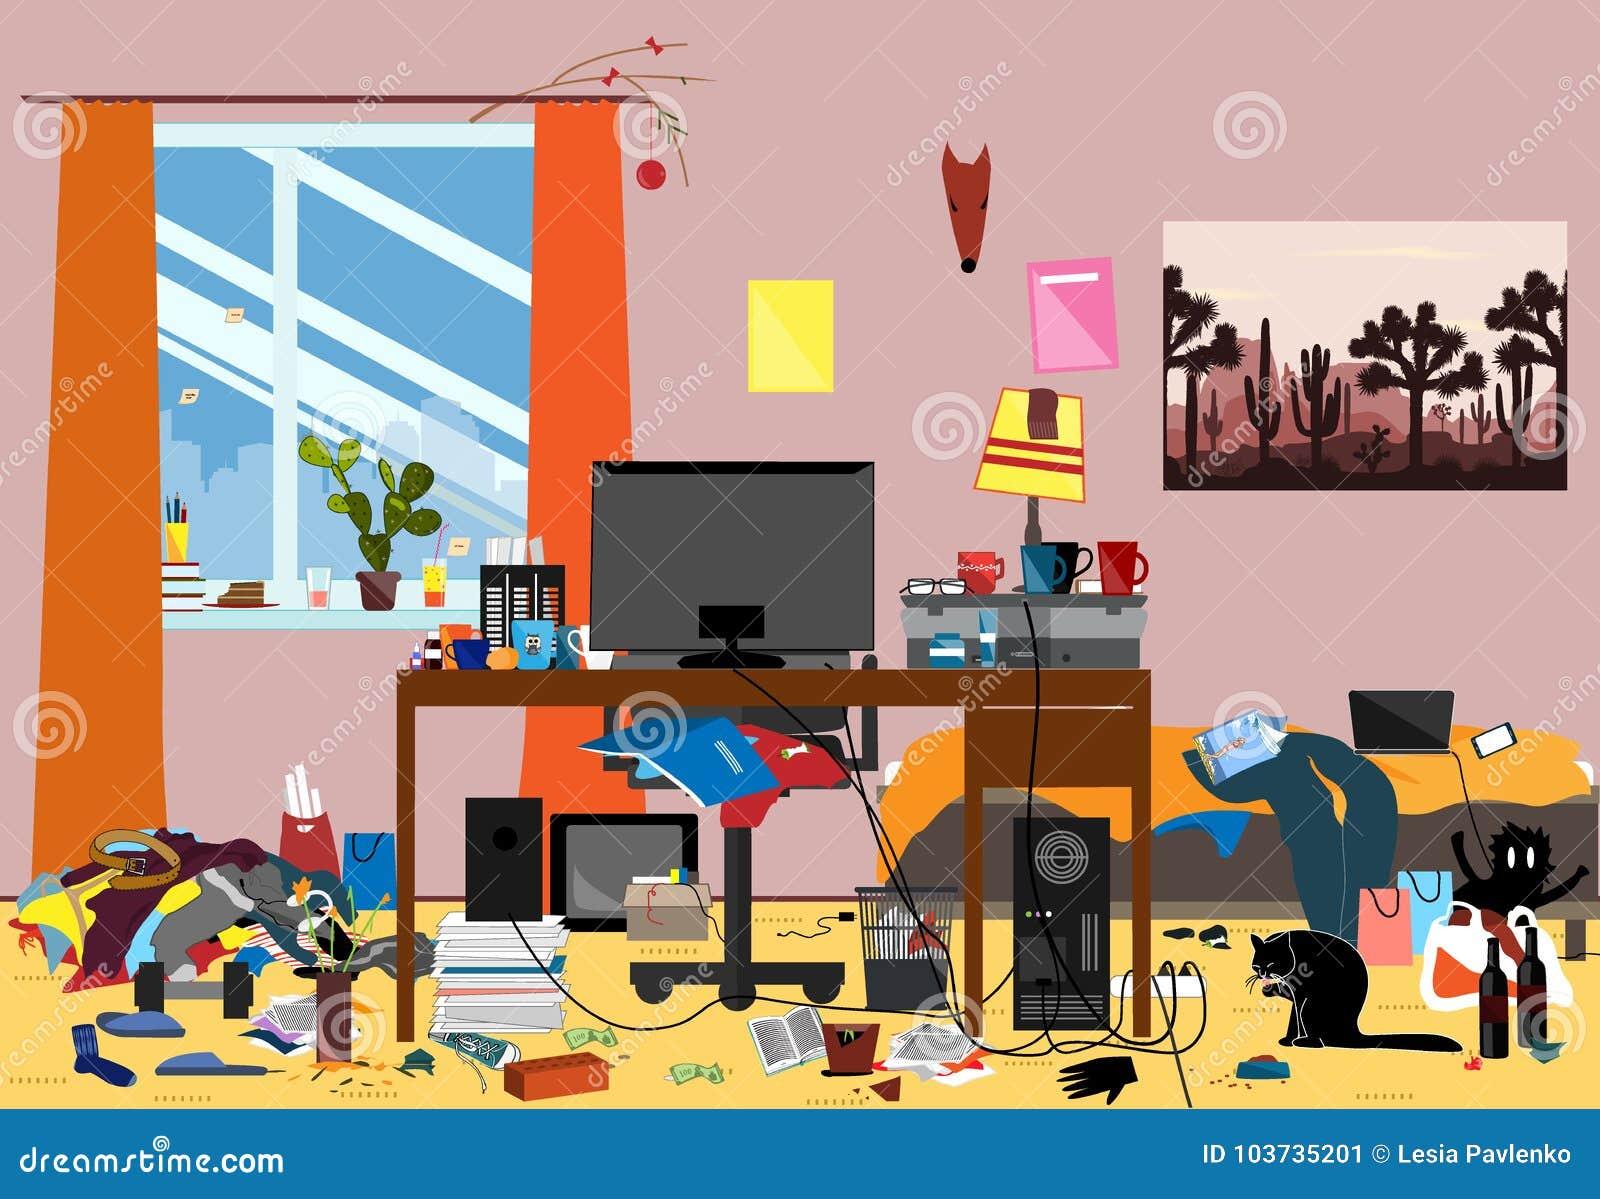 Illustration eines durcheinandergebrachten Raumes verunreinigt mit Stücken Abfall Raum, in dem youngguy oder Student lebt